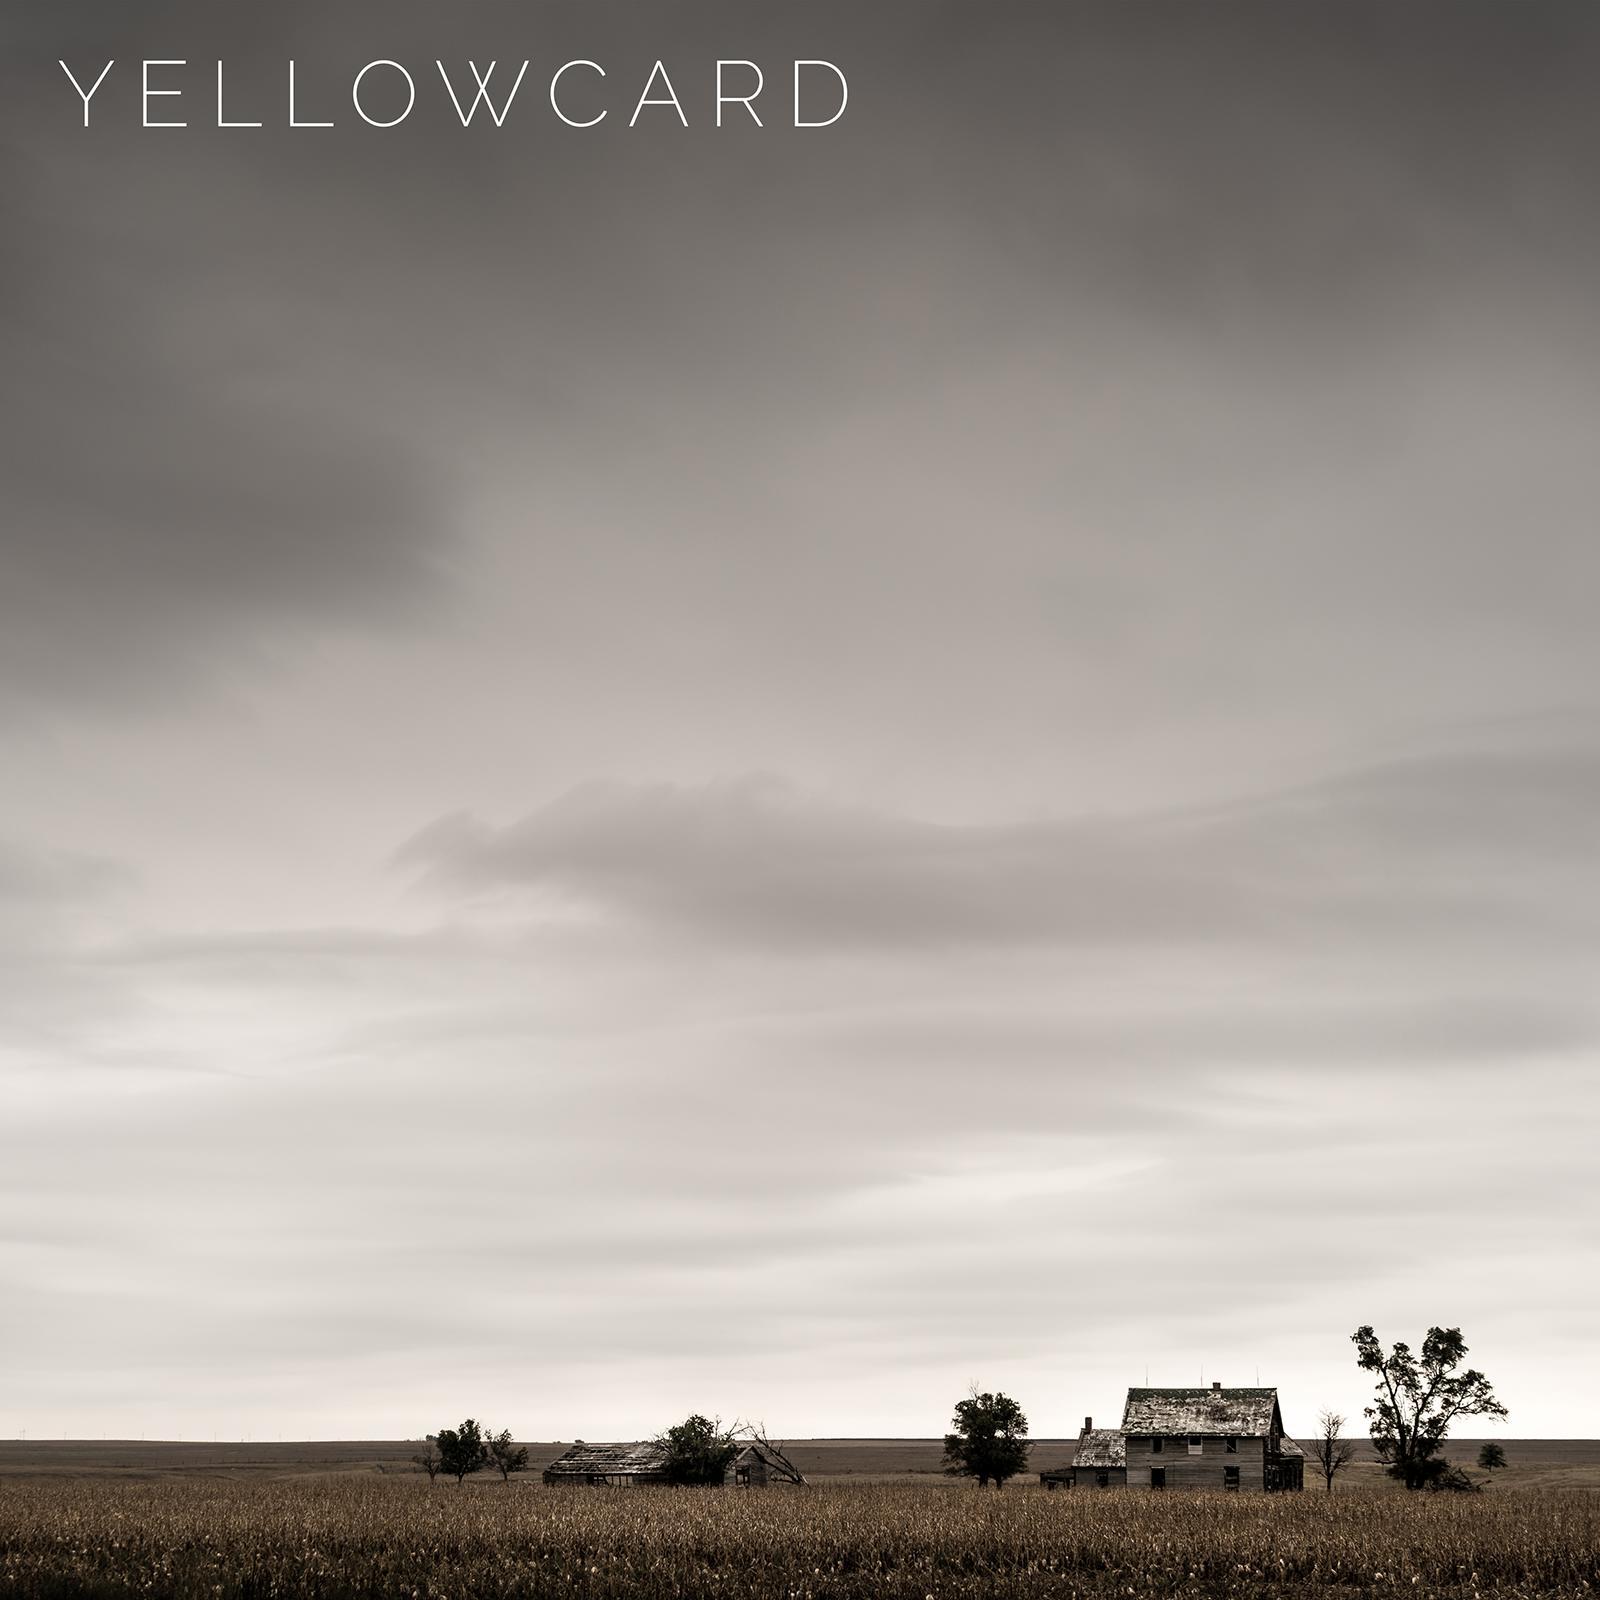 yellowcard 3